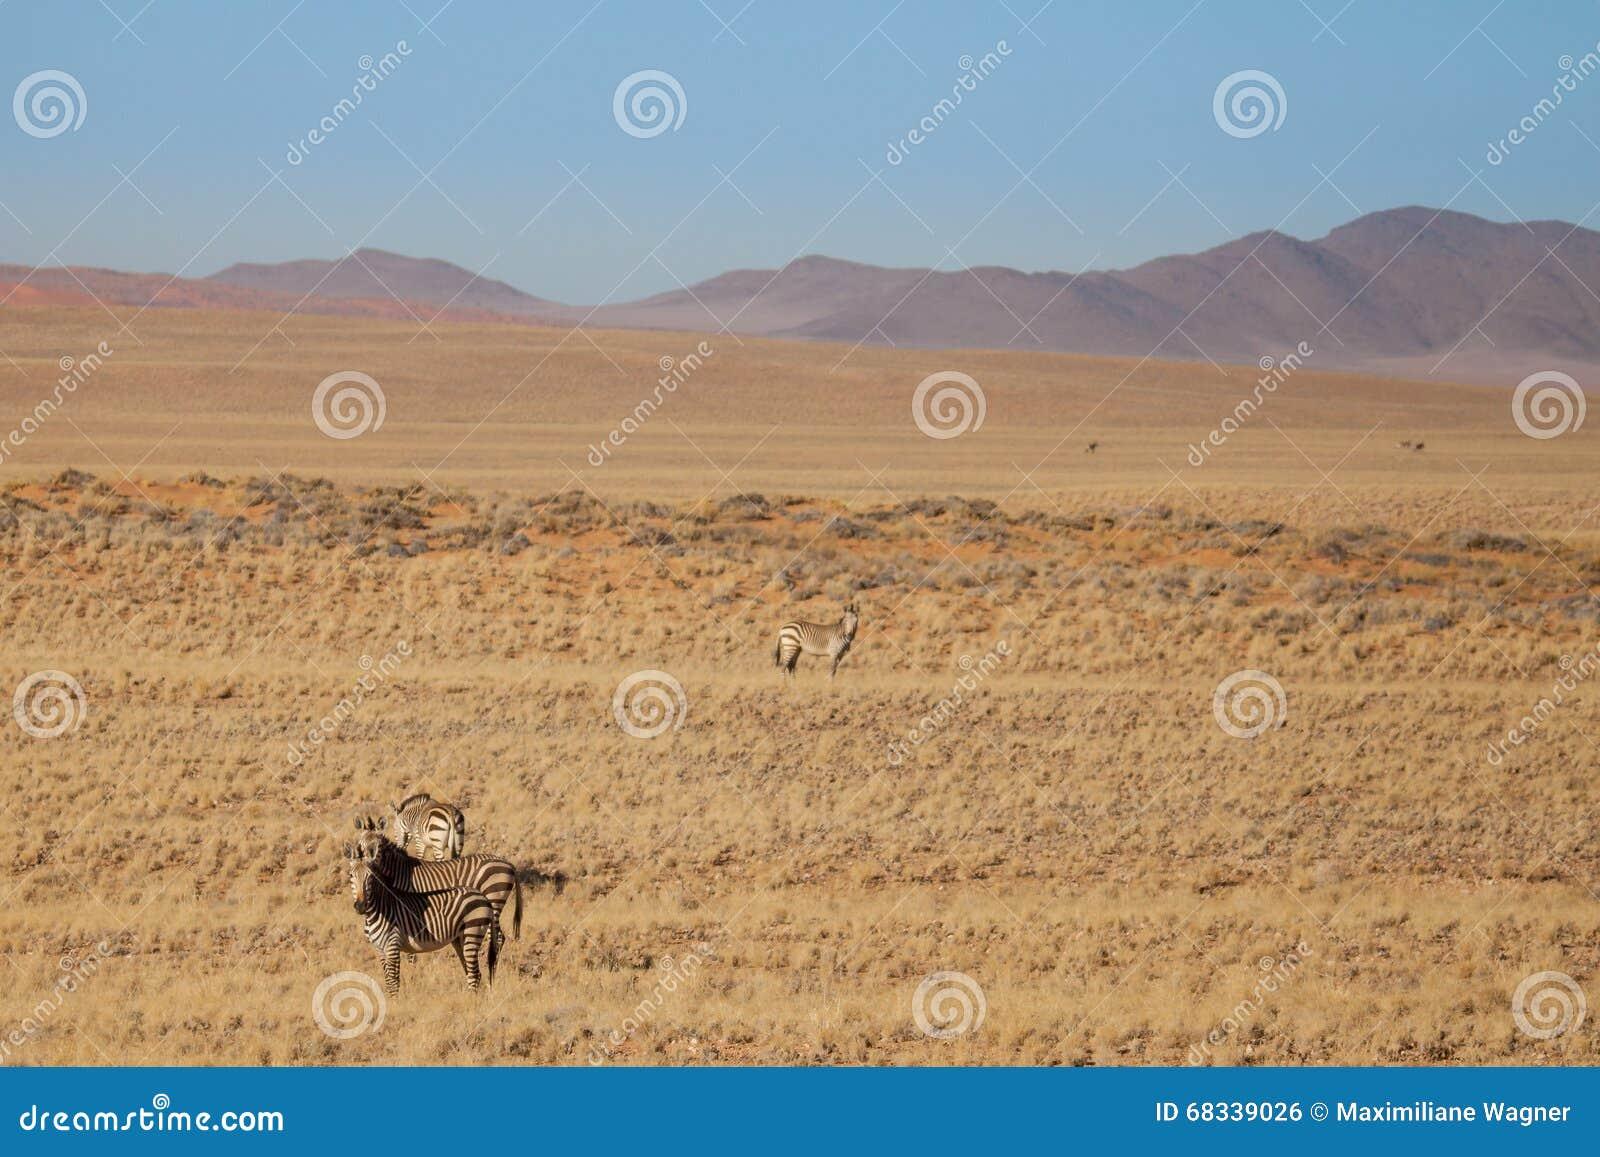 Zebry w sawannie przed górami, Namibia